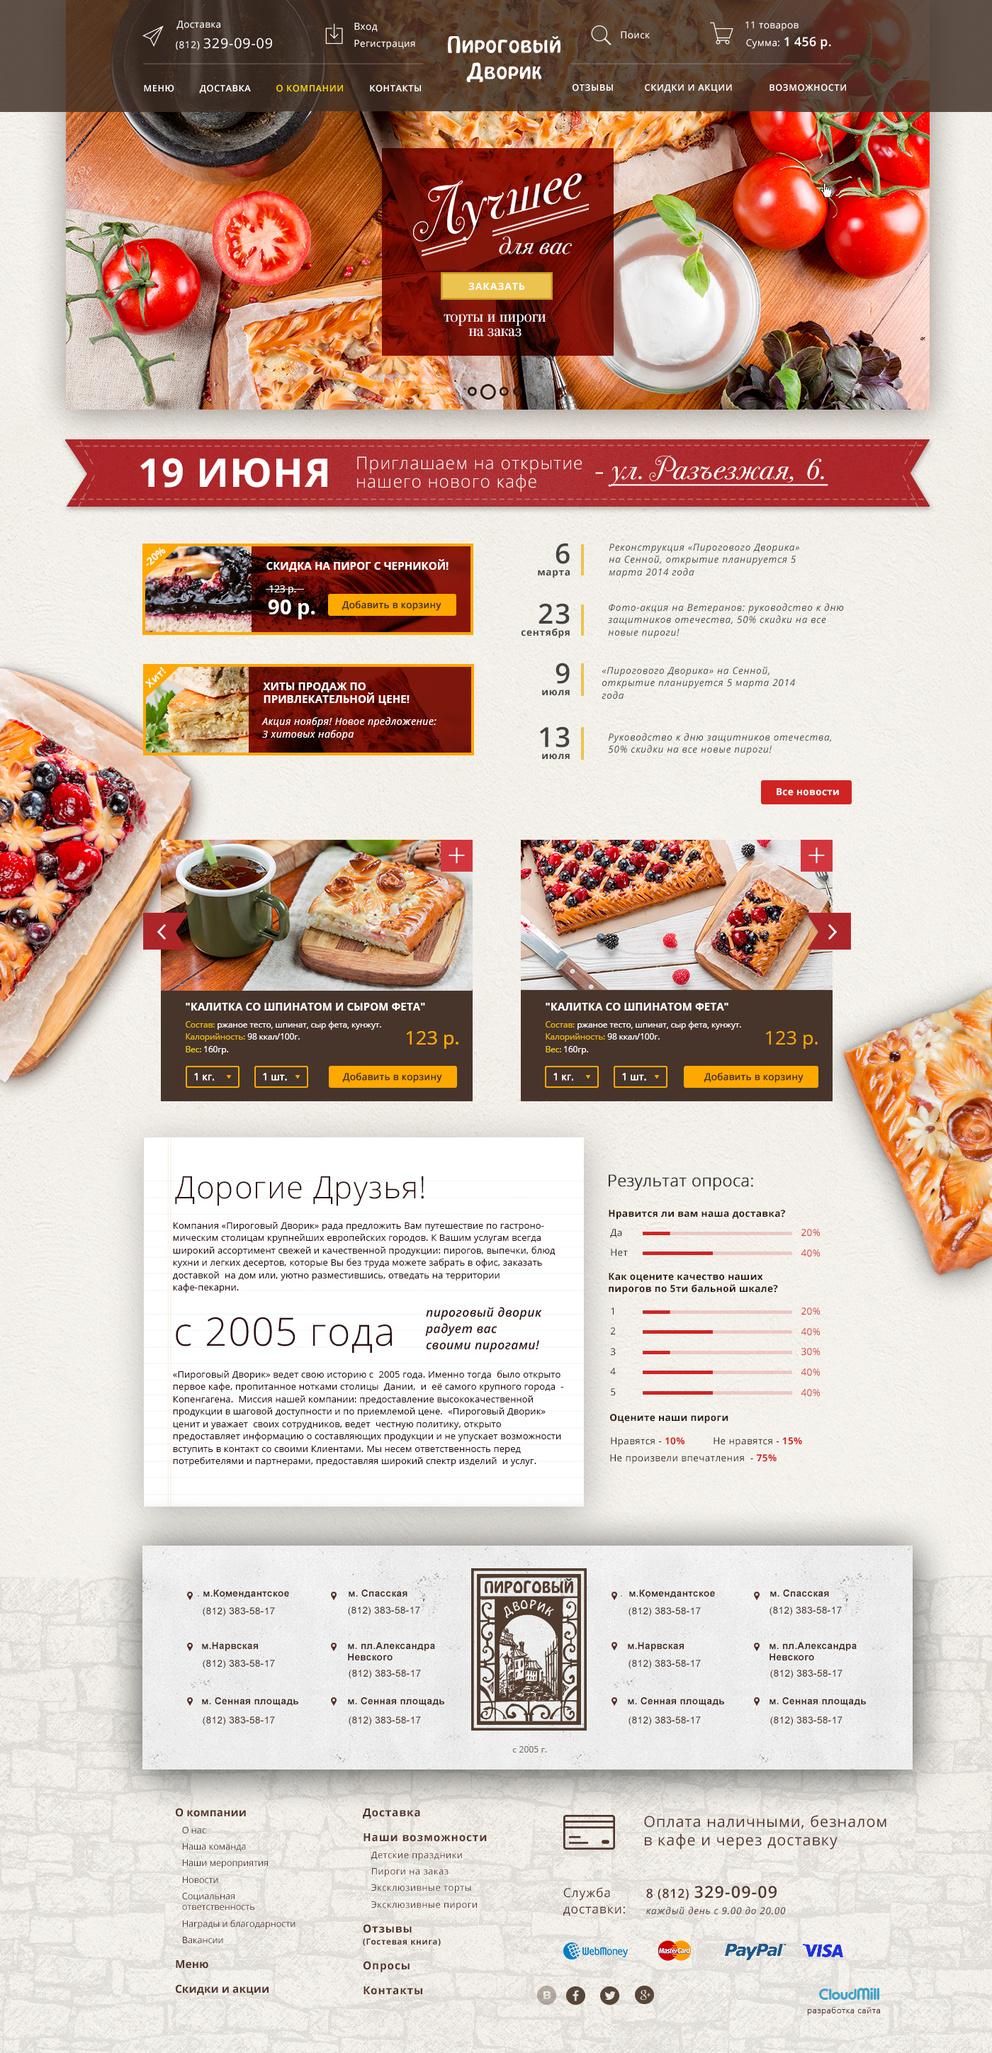 Пироговый Дворик / Проект компании КлаудМилл